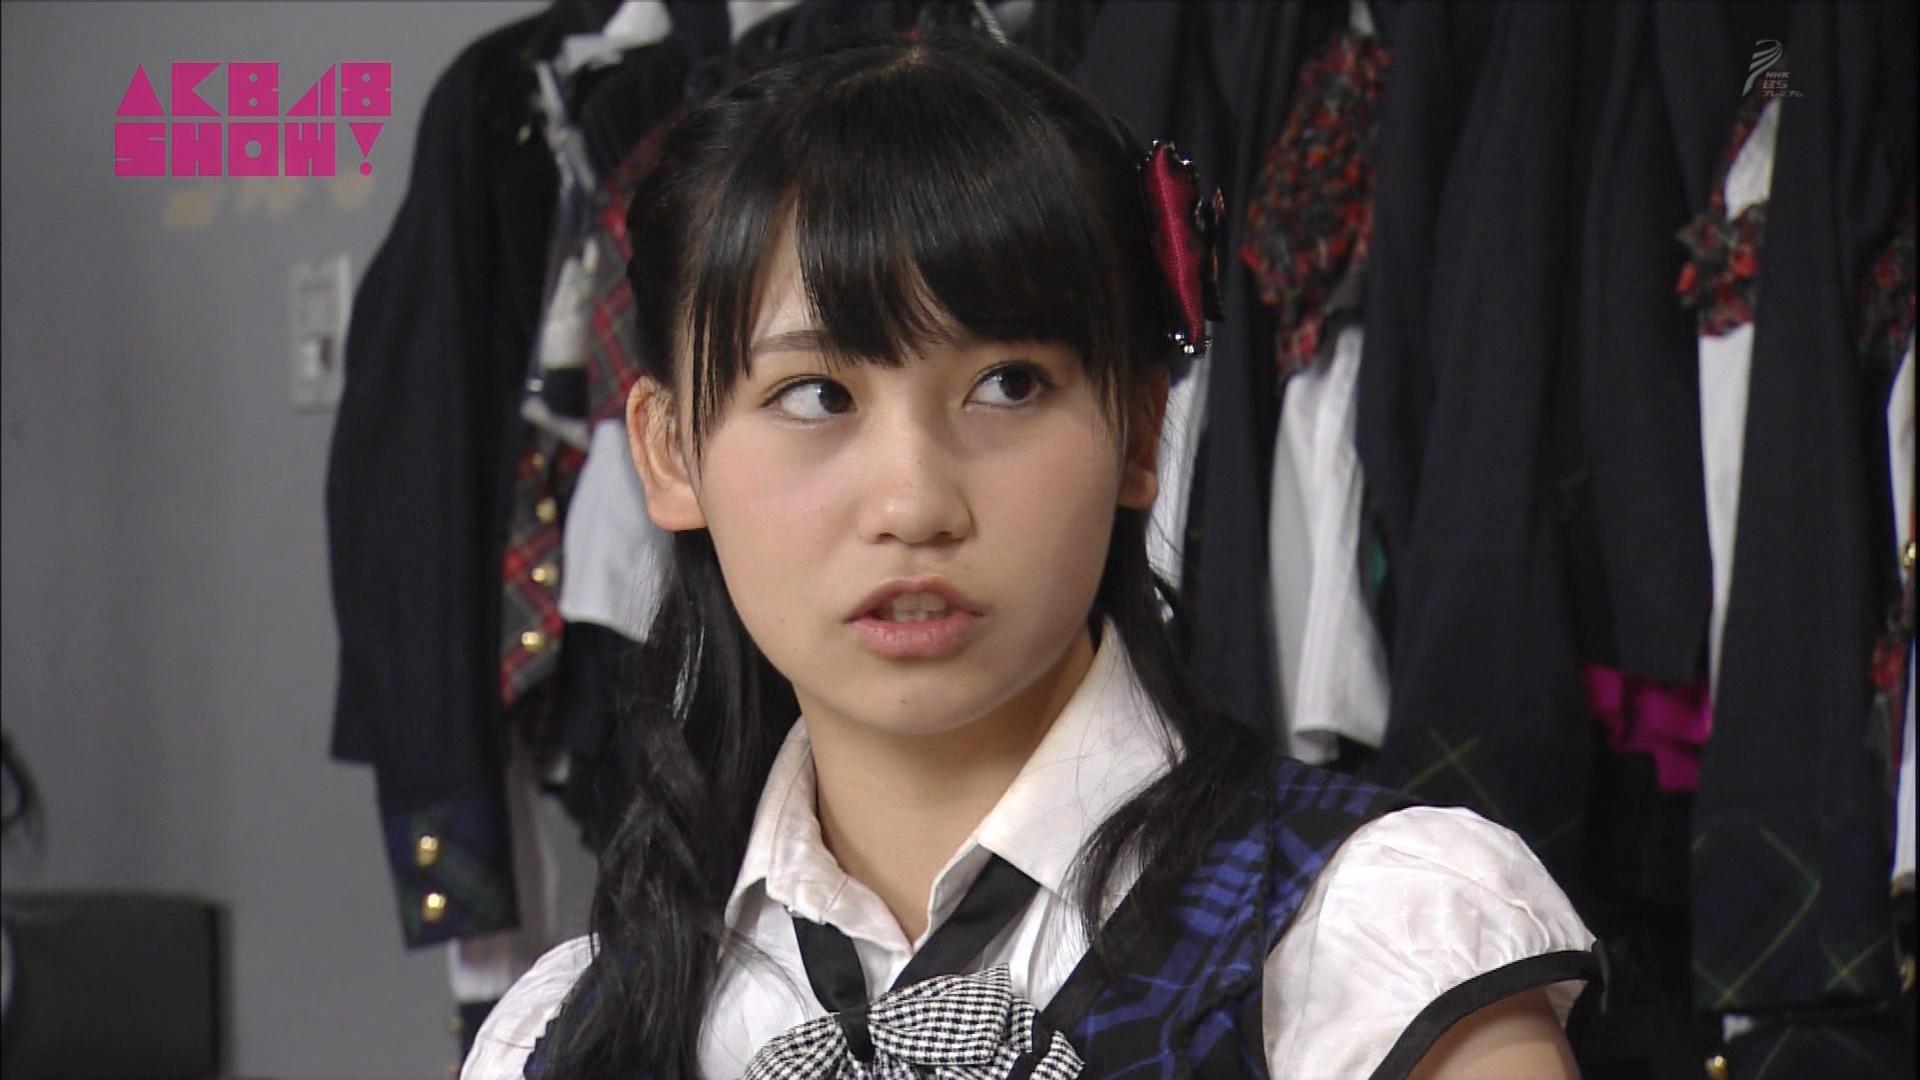 小嶋真子 彼女になれますか AKB48SHOW! 20140906 (11)